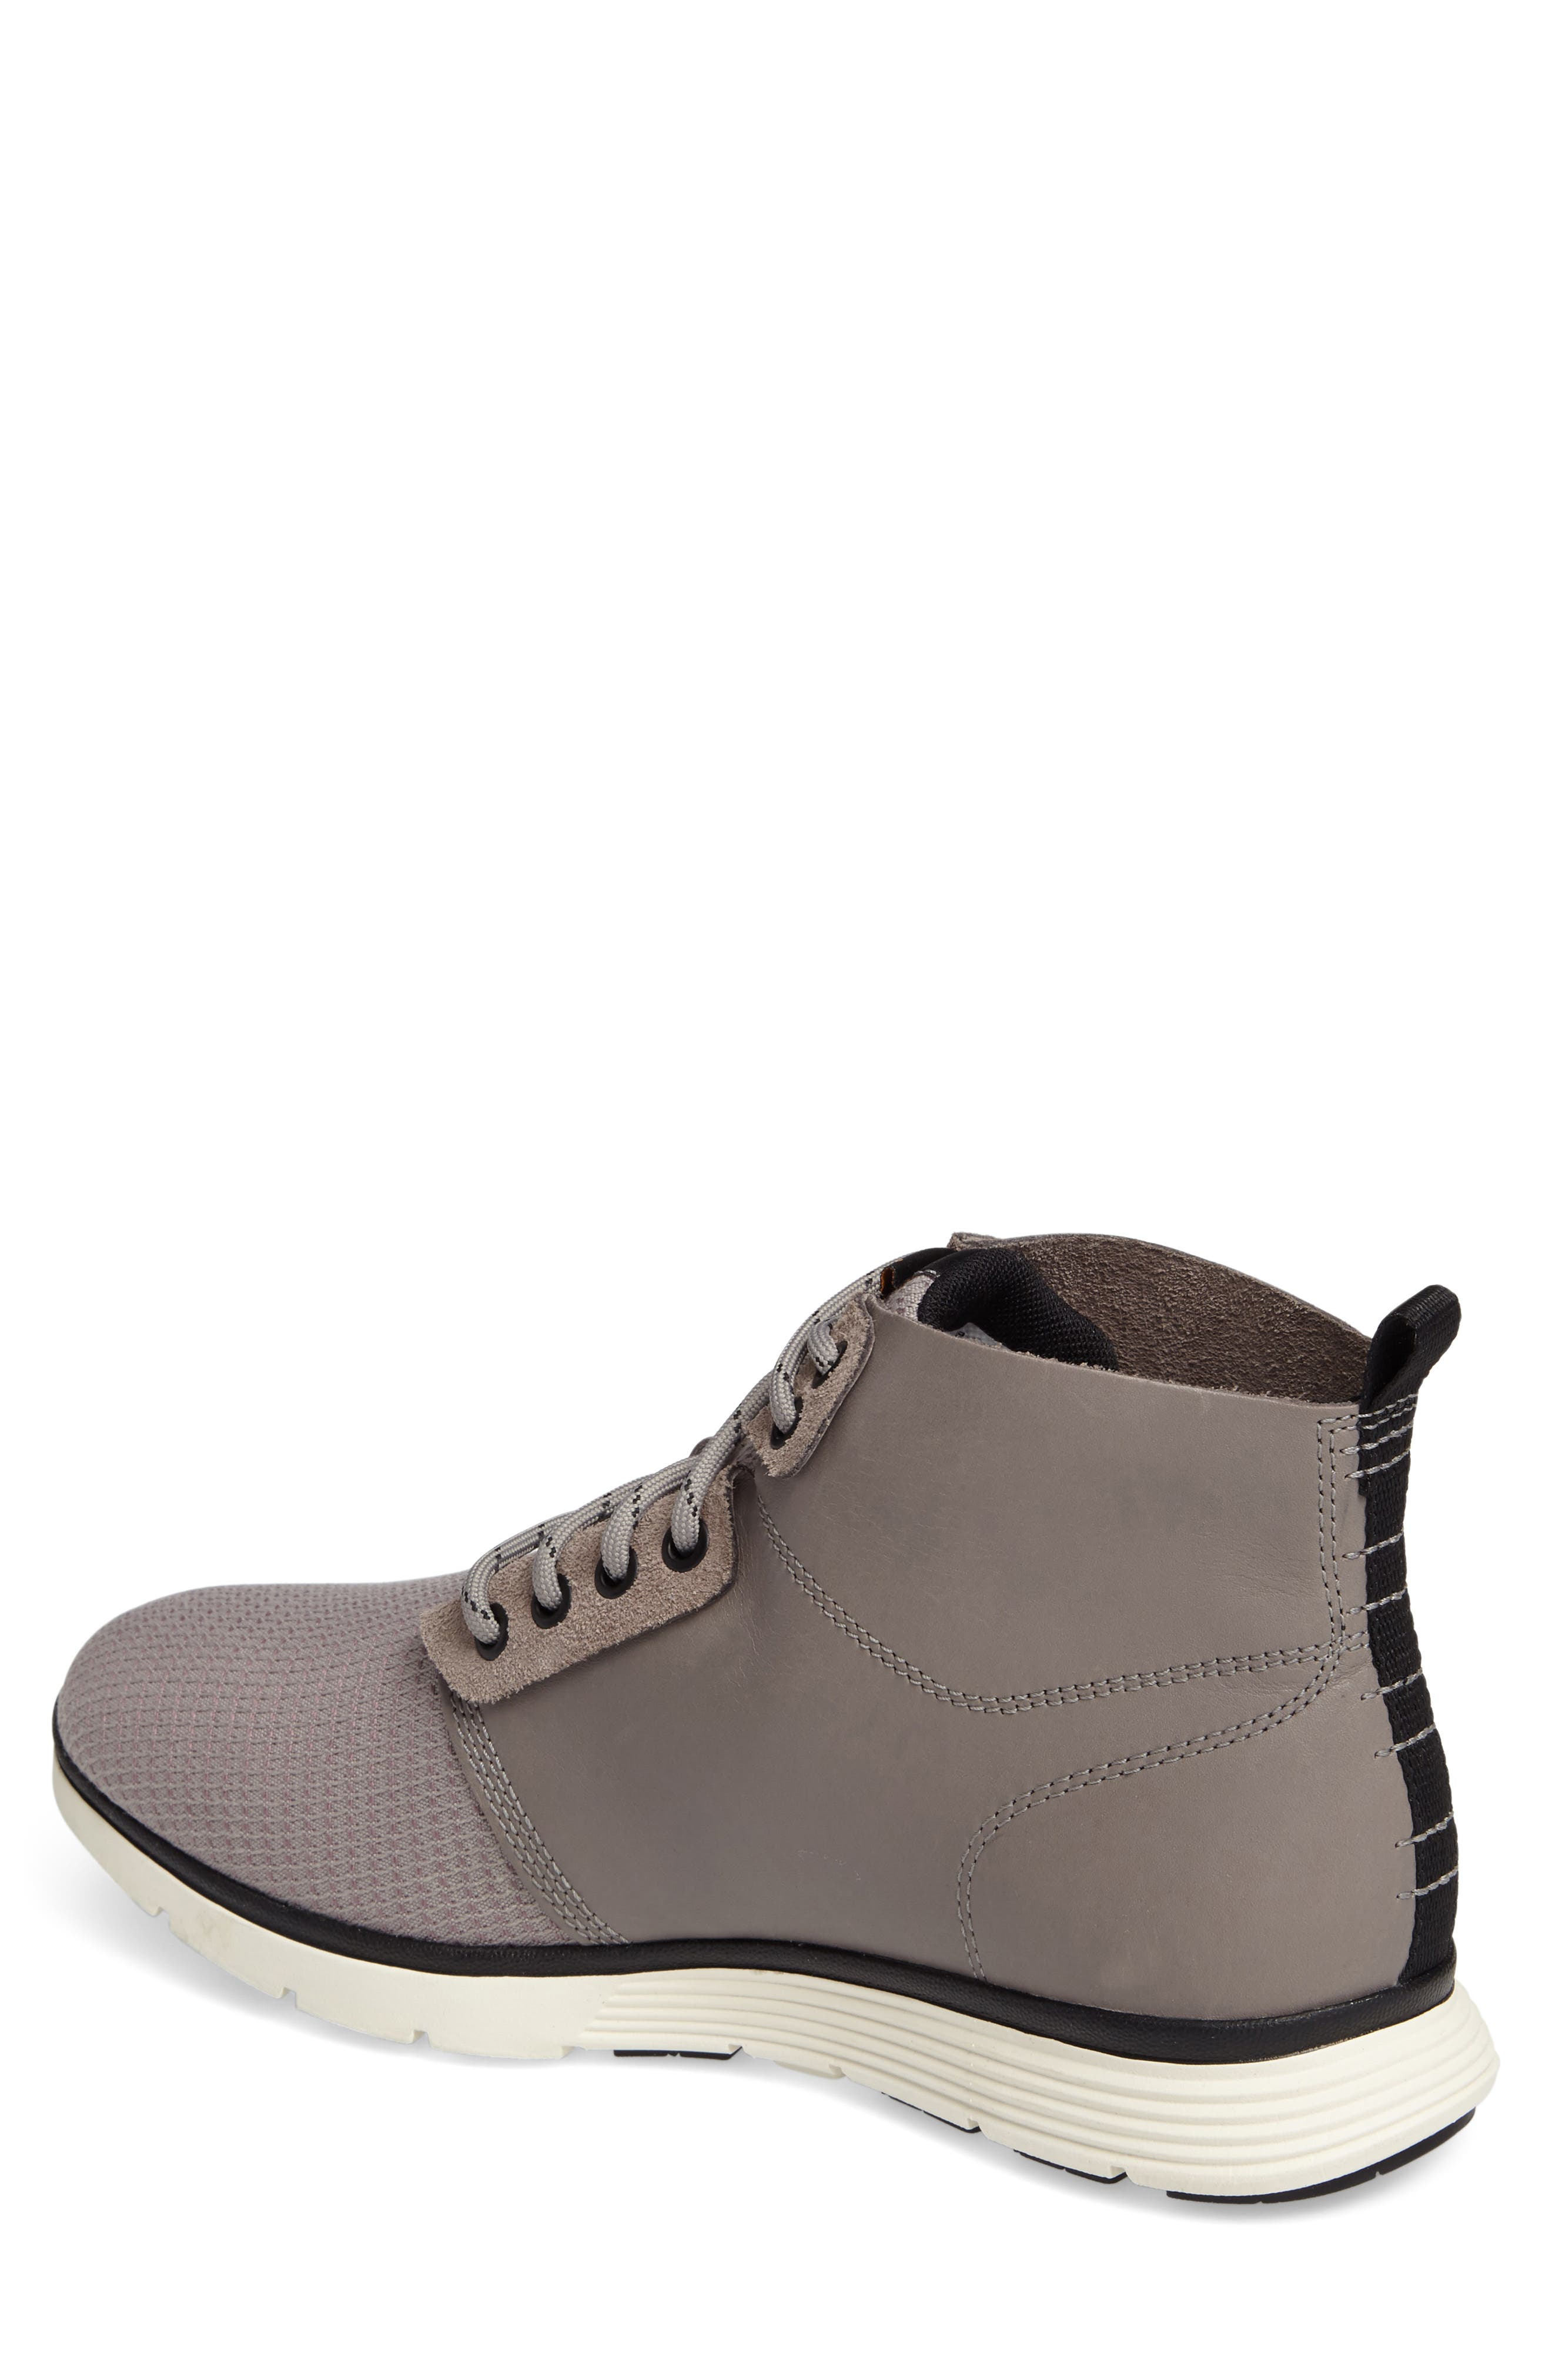 Alternate Image 2  - Timberland Killington Plain Toe Boot (Men)